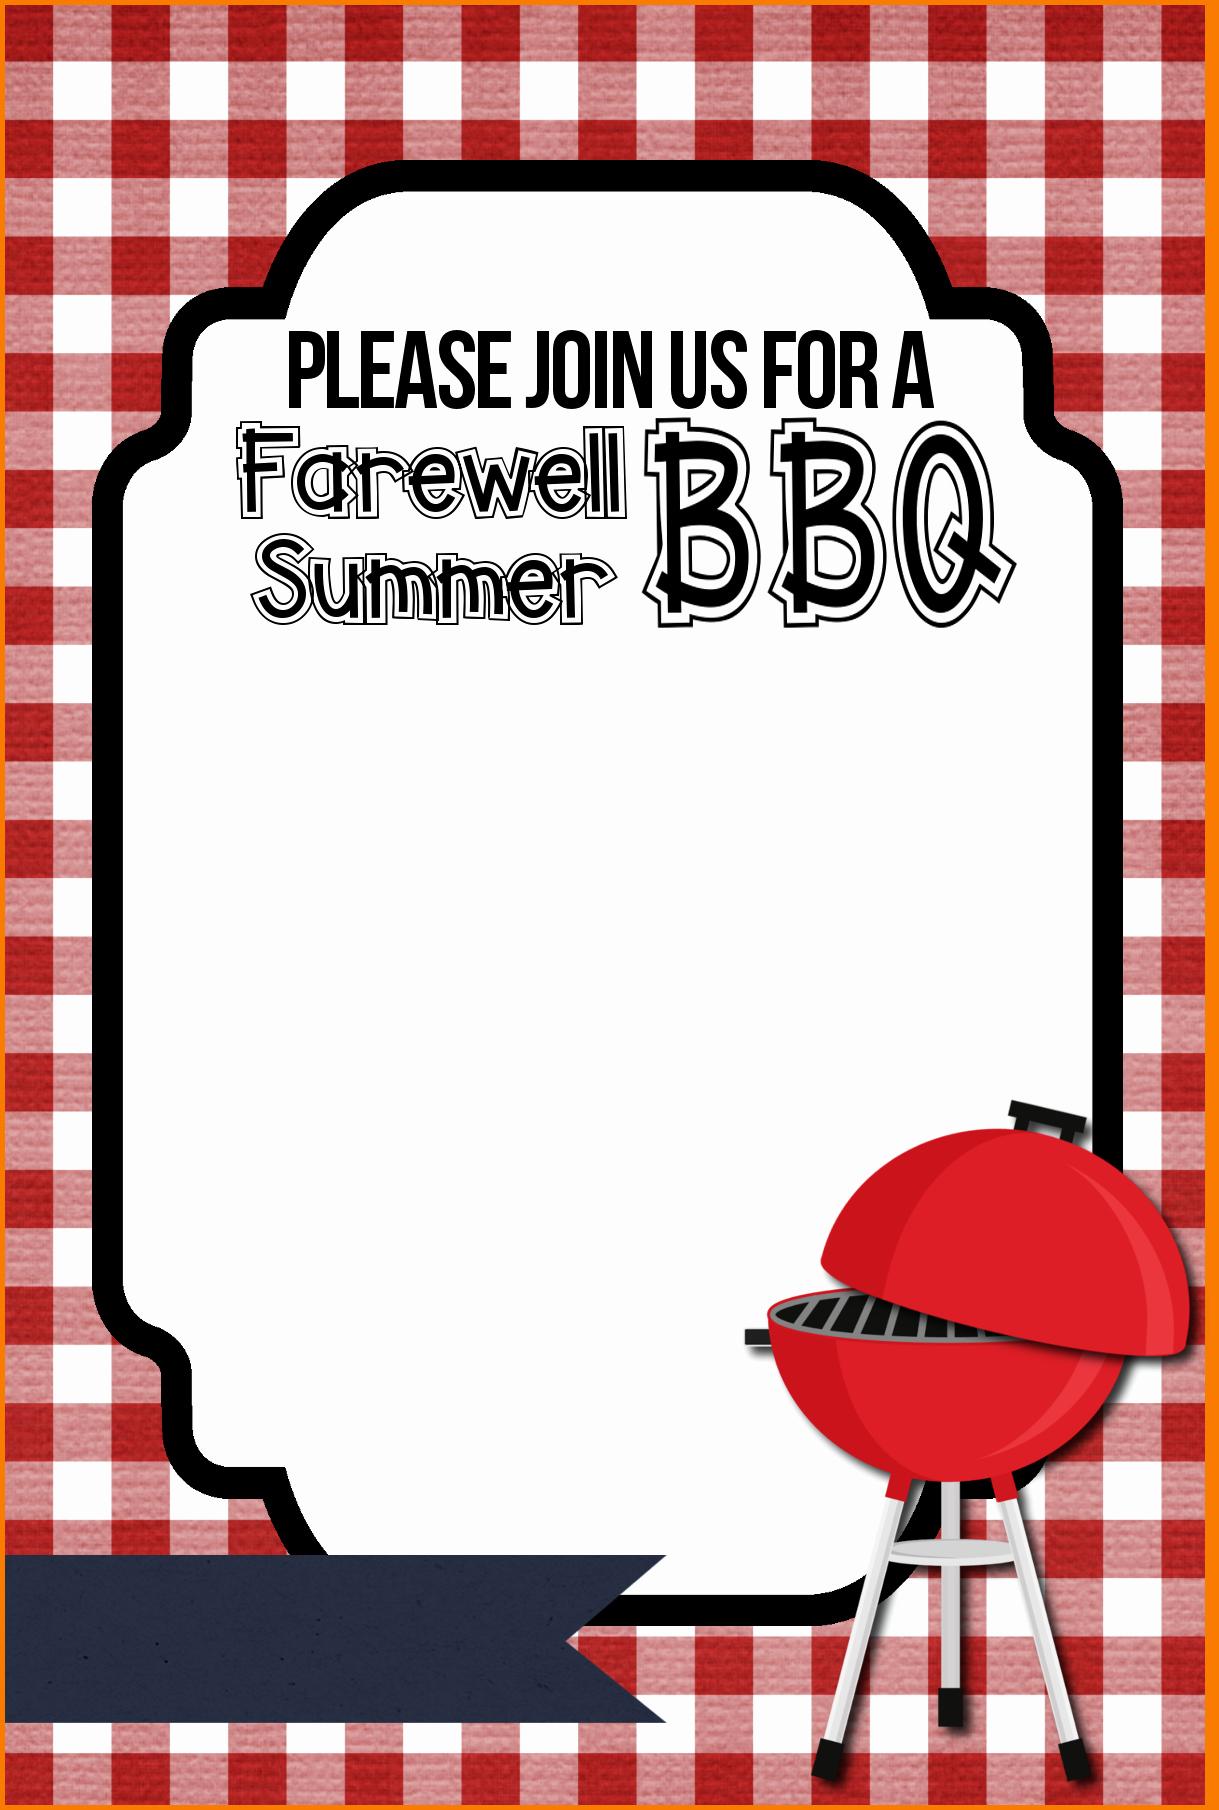 Free Bbq Invitation Template New Bbq Invitation Templatev